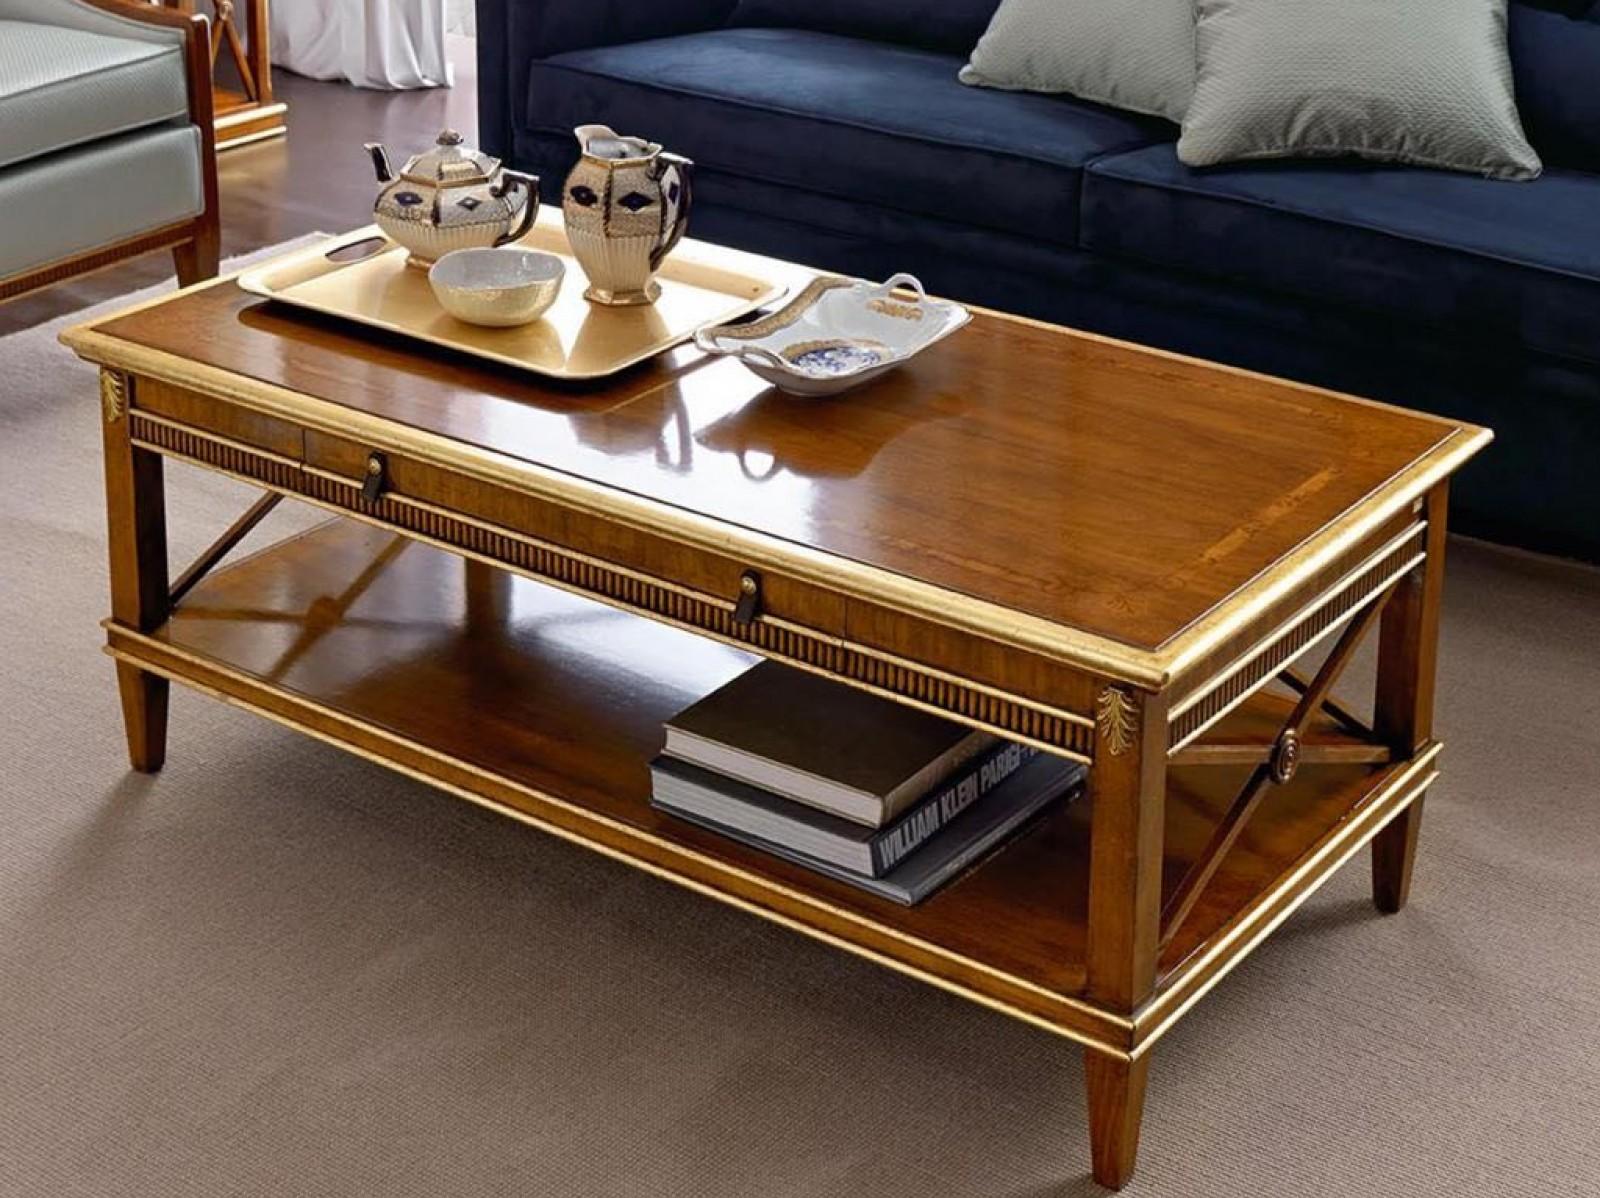 Tavolini Da Salotto Arredamento.Proposte D Arredo Complementi Tavolino Da Salotto Tosato Di Tosato